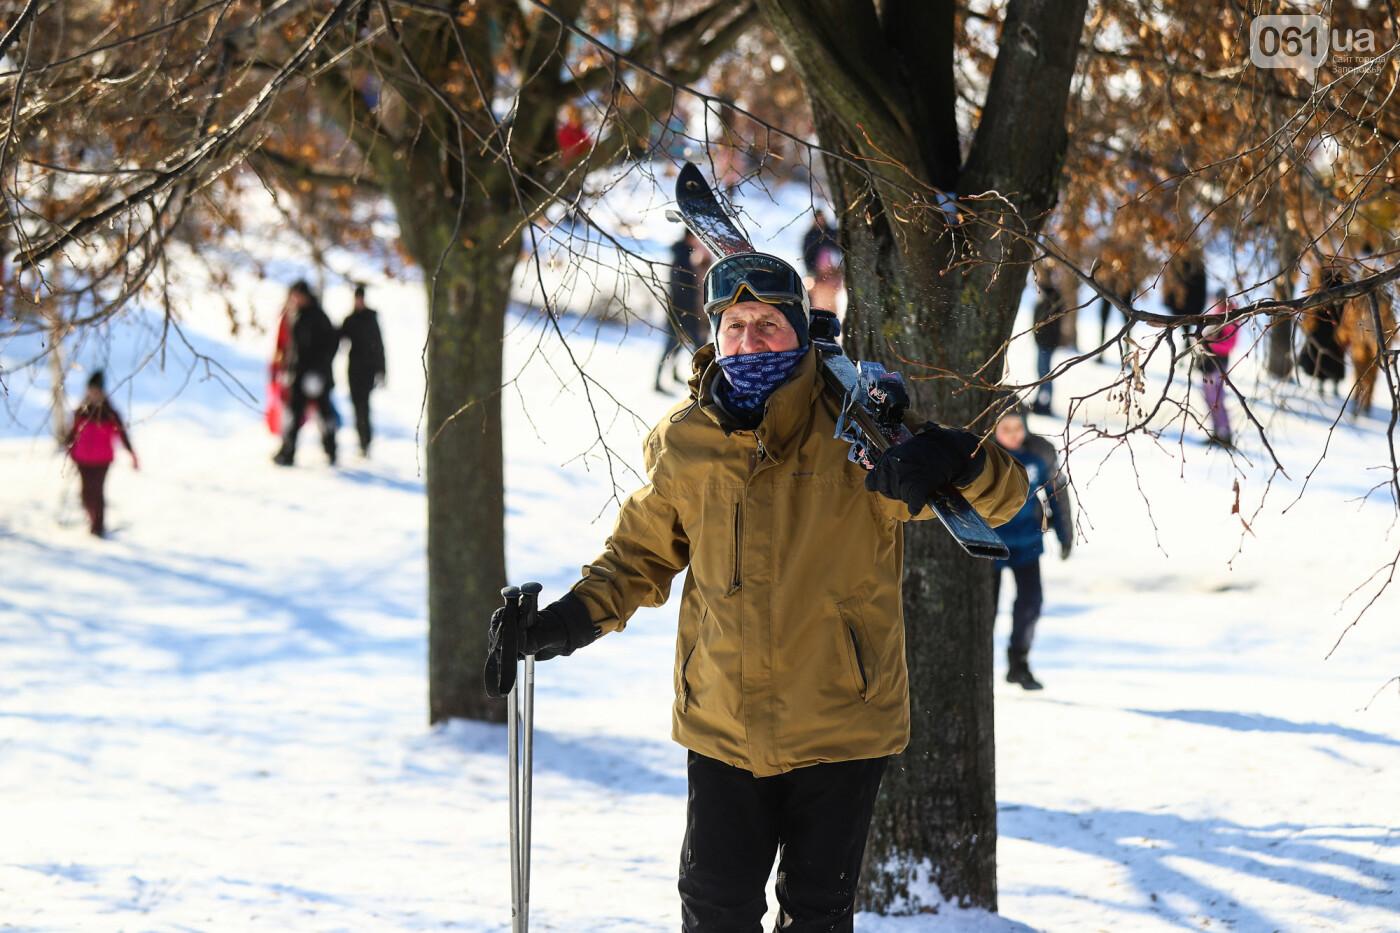 На санках, лыжах и сноуборде: запорожцы устроили массовое катание с горок в Вознесеновском парке, - ФОТОРЕПОРТАЖ, фото-9